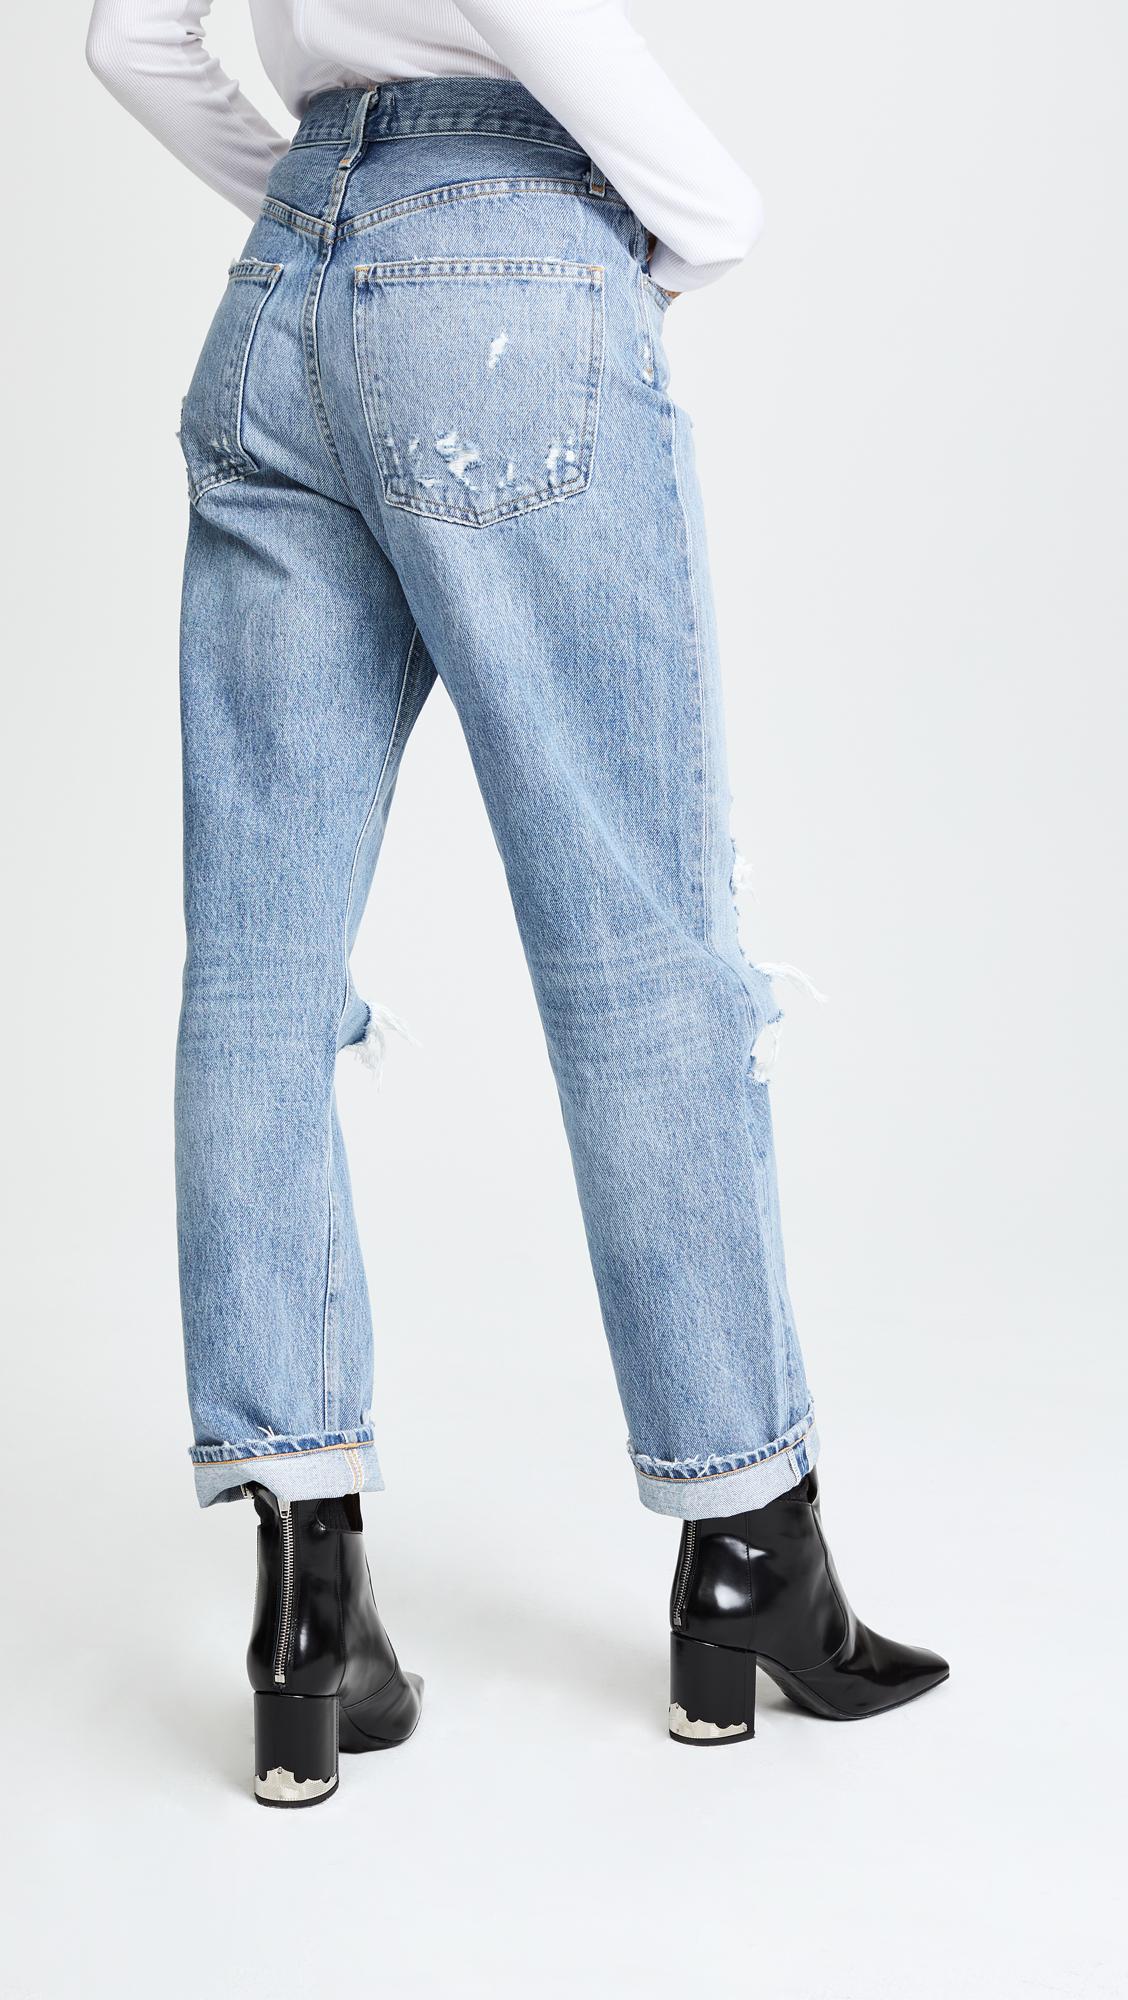 bb49e8d947 AGOLDE '90s Fit Mid Rise Loose Fit Jeans | SHOPBOP